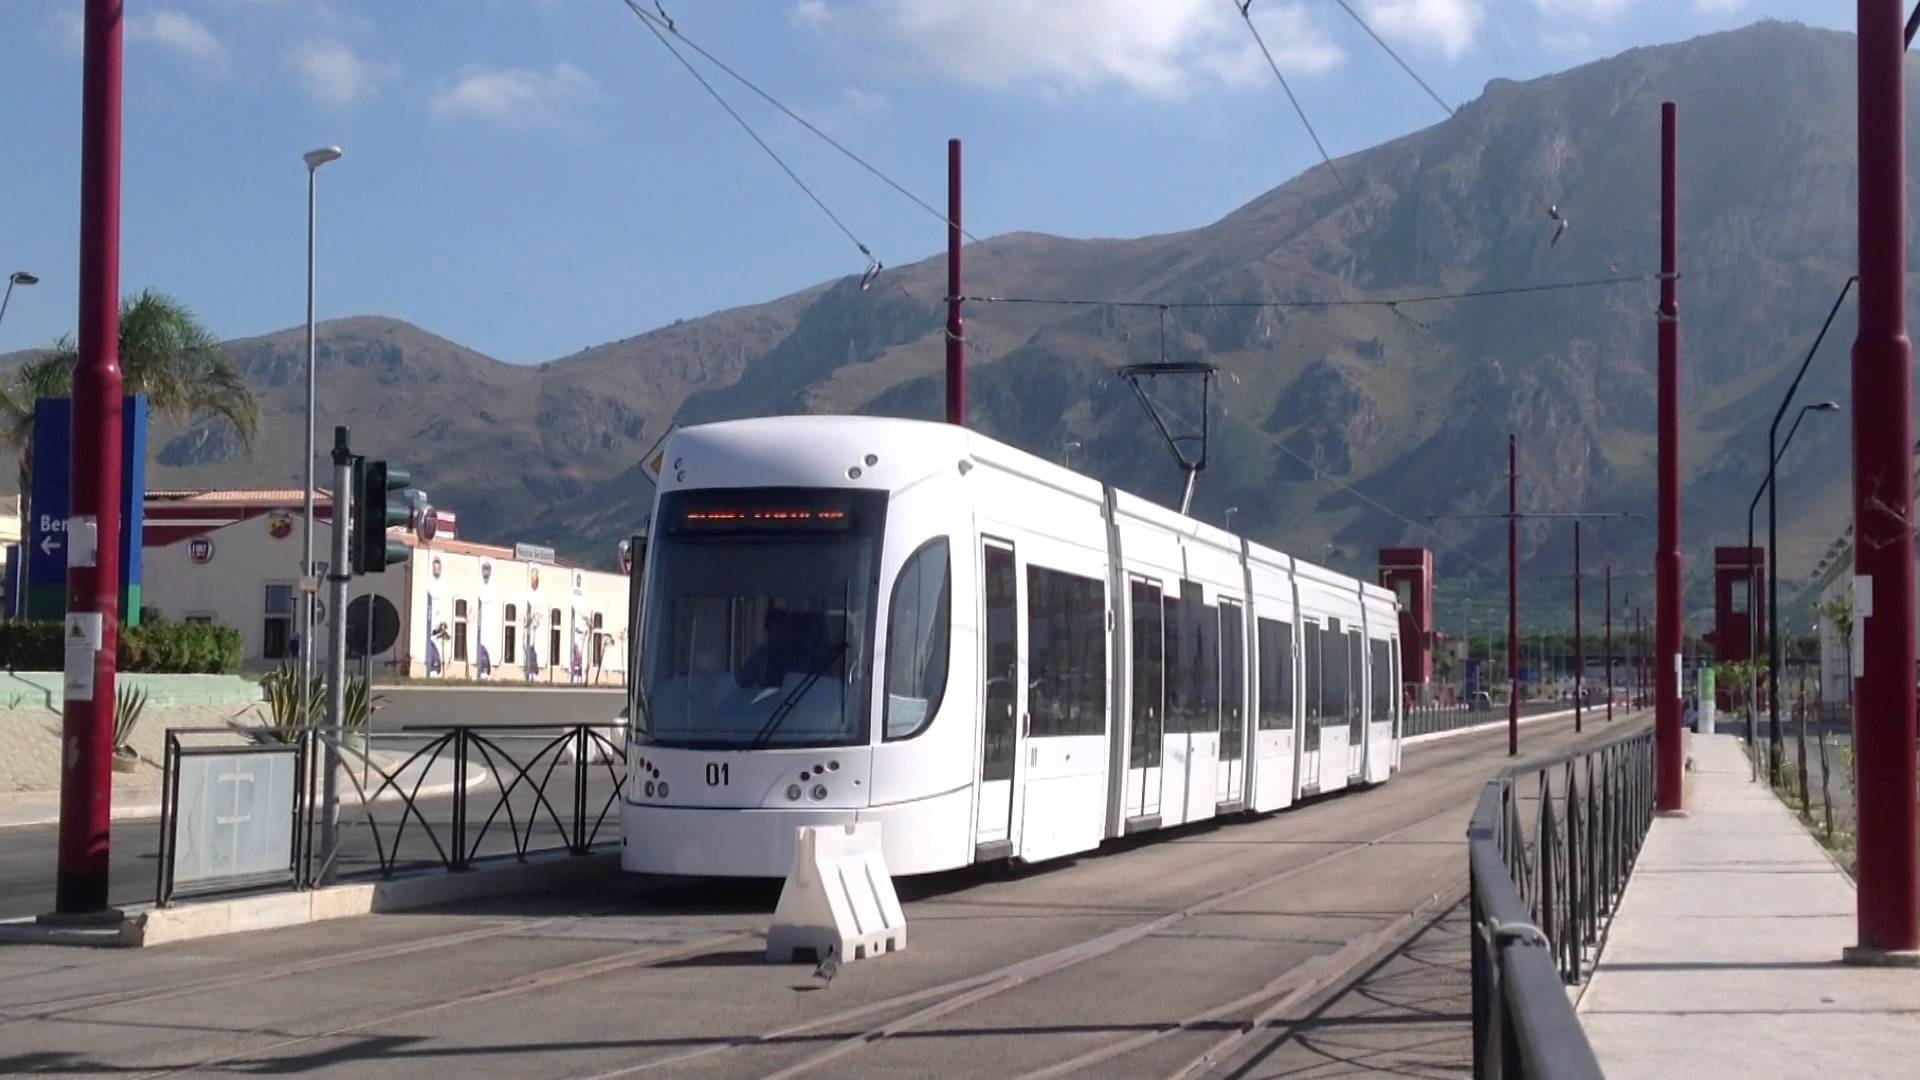 Tram a Palermo: le telecamere per la sicurezza dei cittadini ci sono tutte?